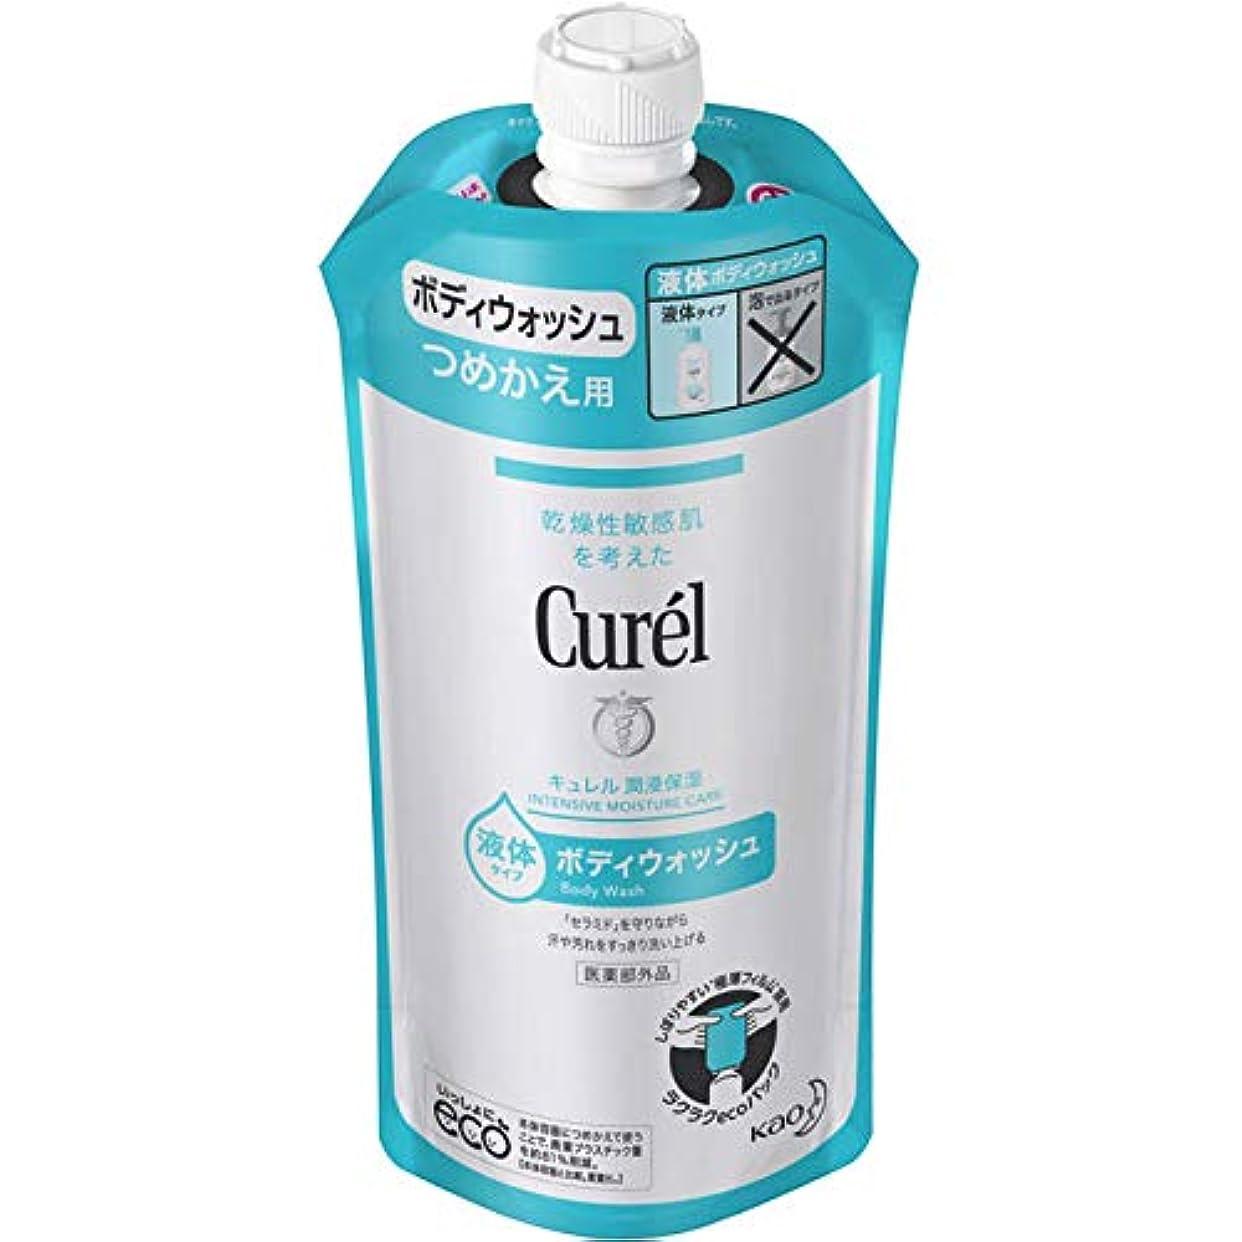 告白する特定の鎮静剤キュレル ボディウォッシュ つめかえ用 340ml (赤ちゃんにも使えます) 弱酸性 ? 無香料 ? 無着色